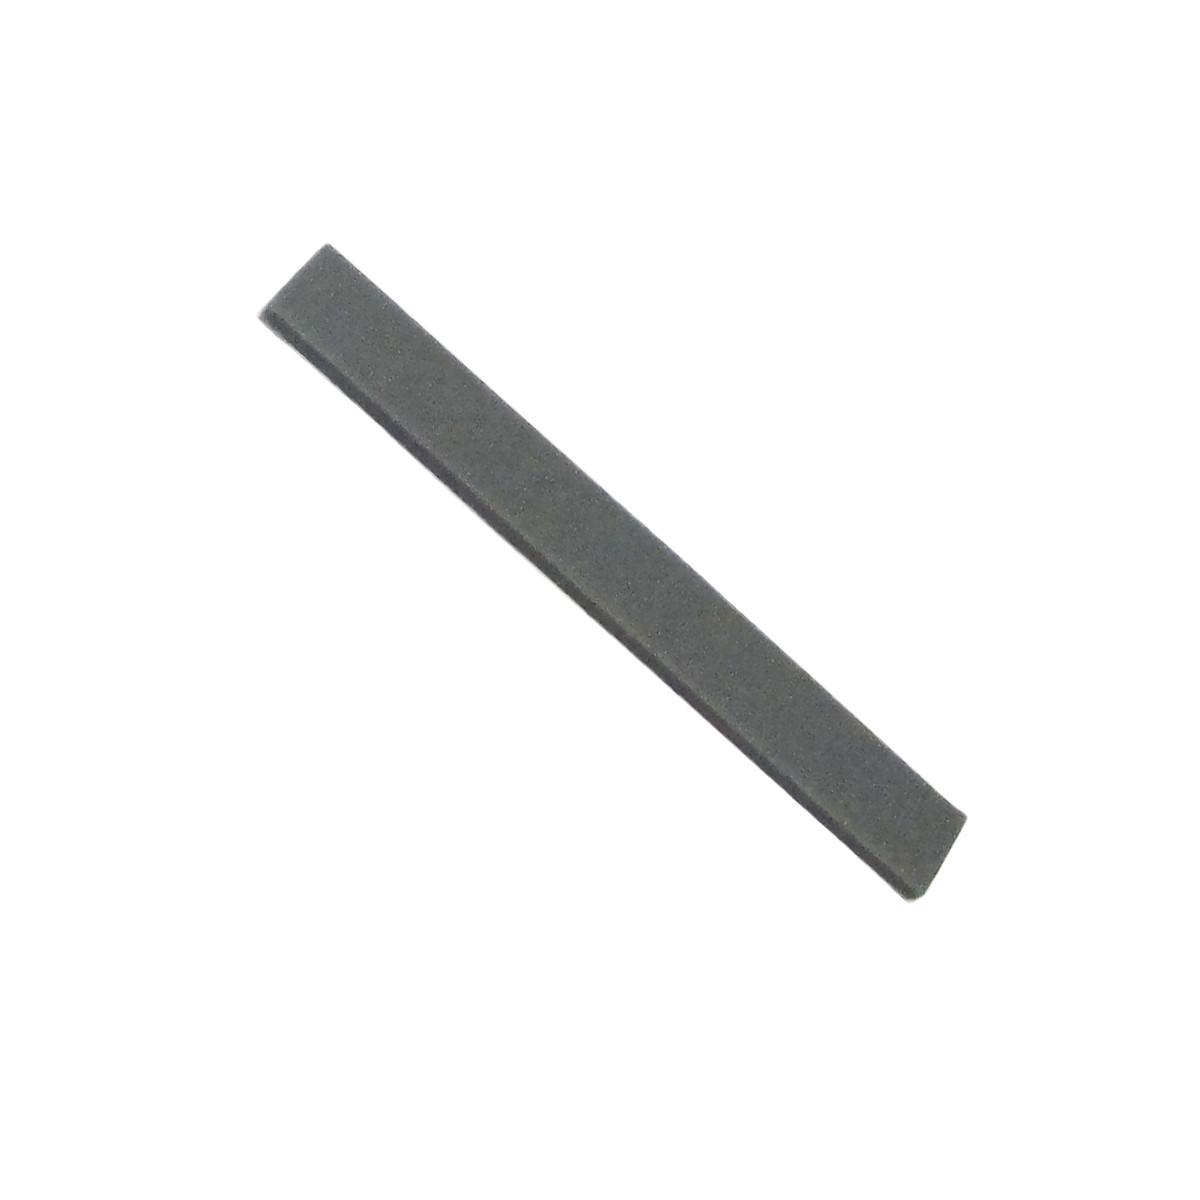 Borracha Separador de Papel Samsung SCX4521 ML2010 ML1610 ML1640 | JC69-00961A | Importado